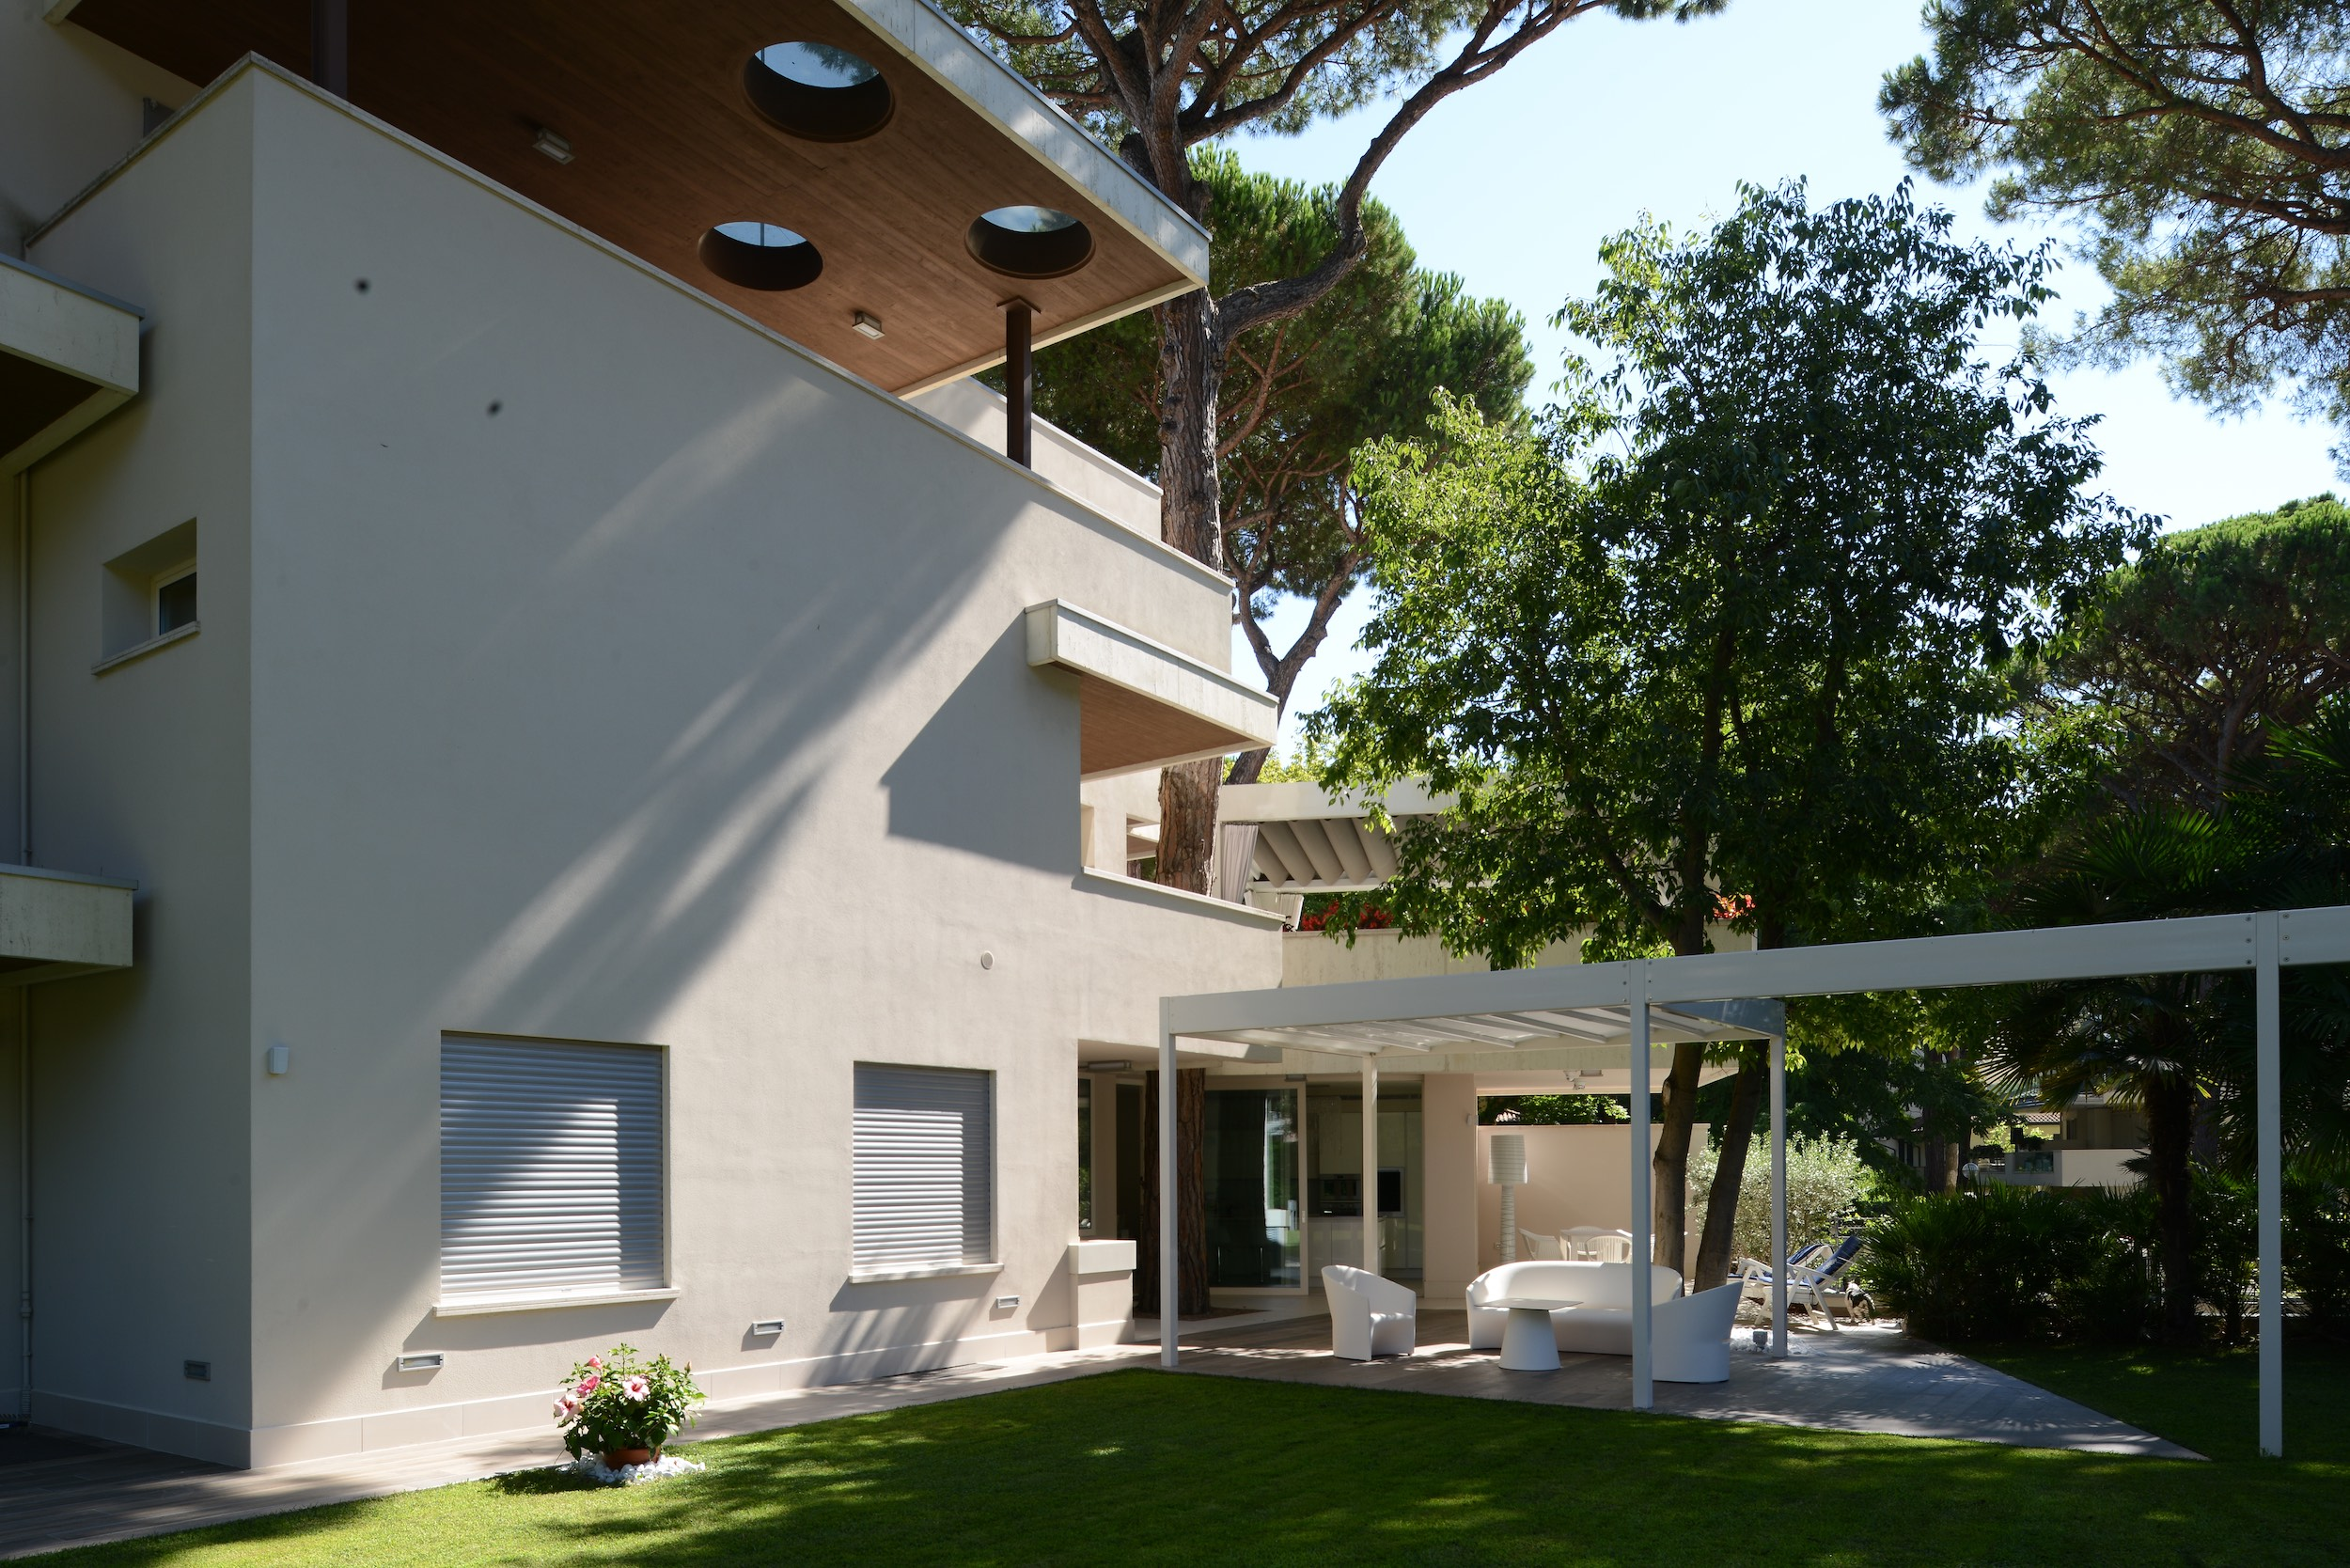 4291 Studio Bacchi Architetti MiMa